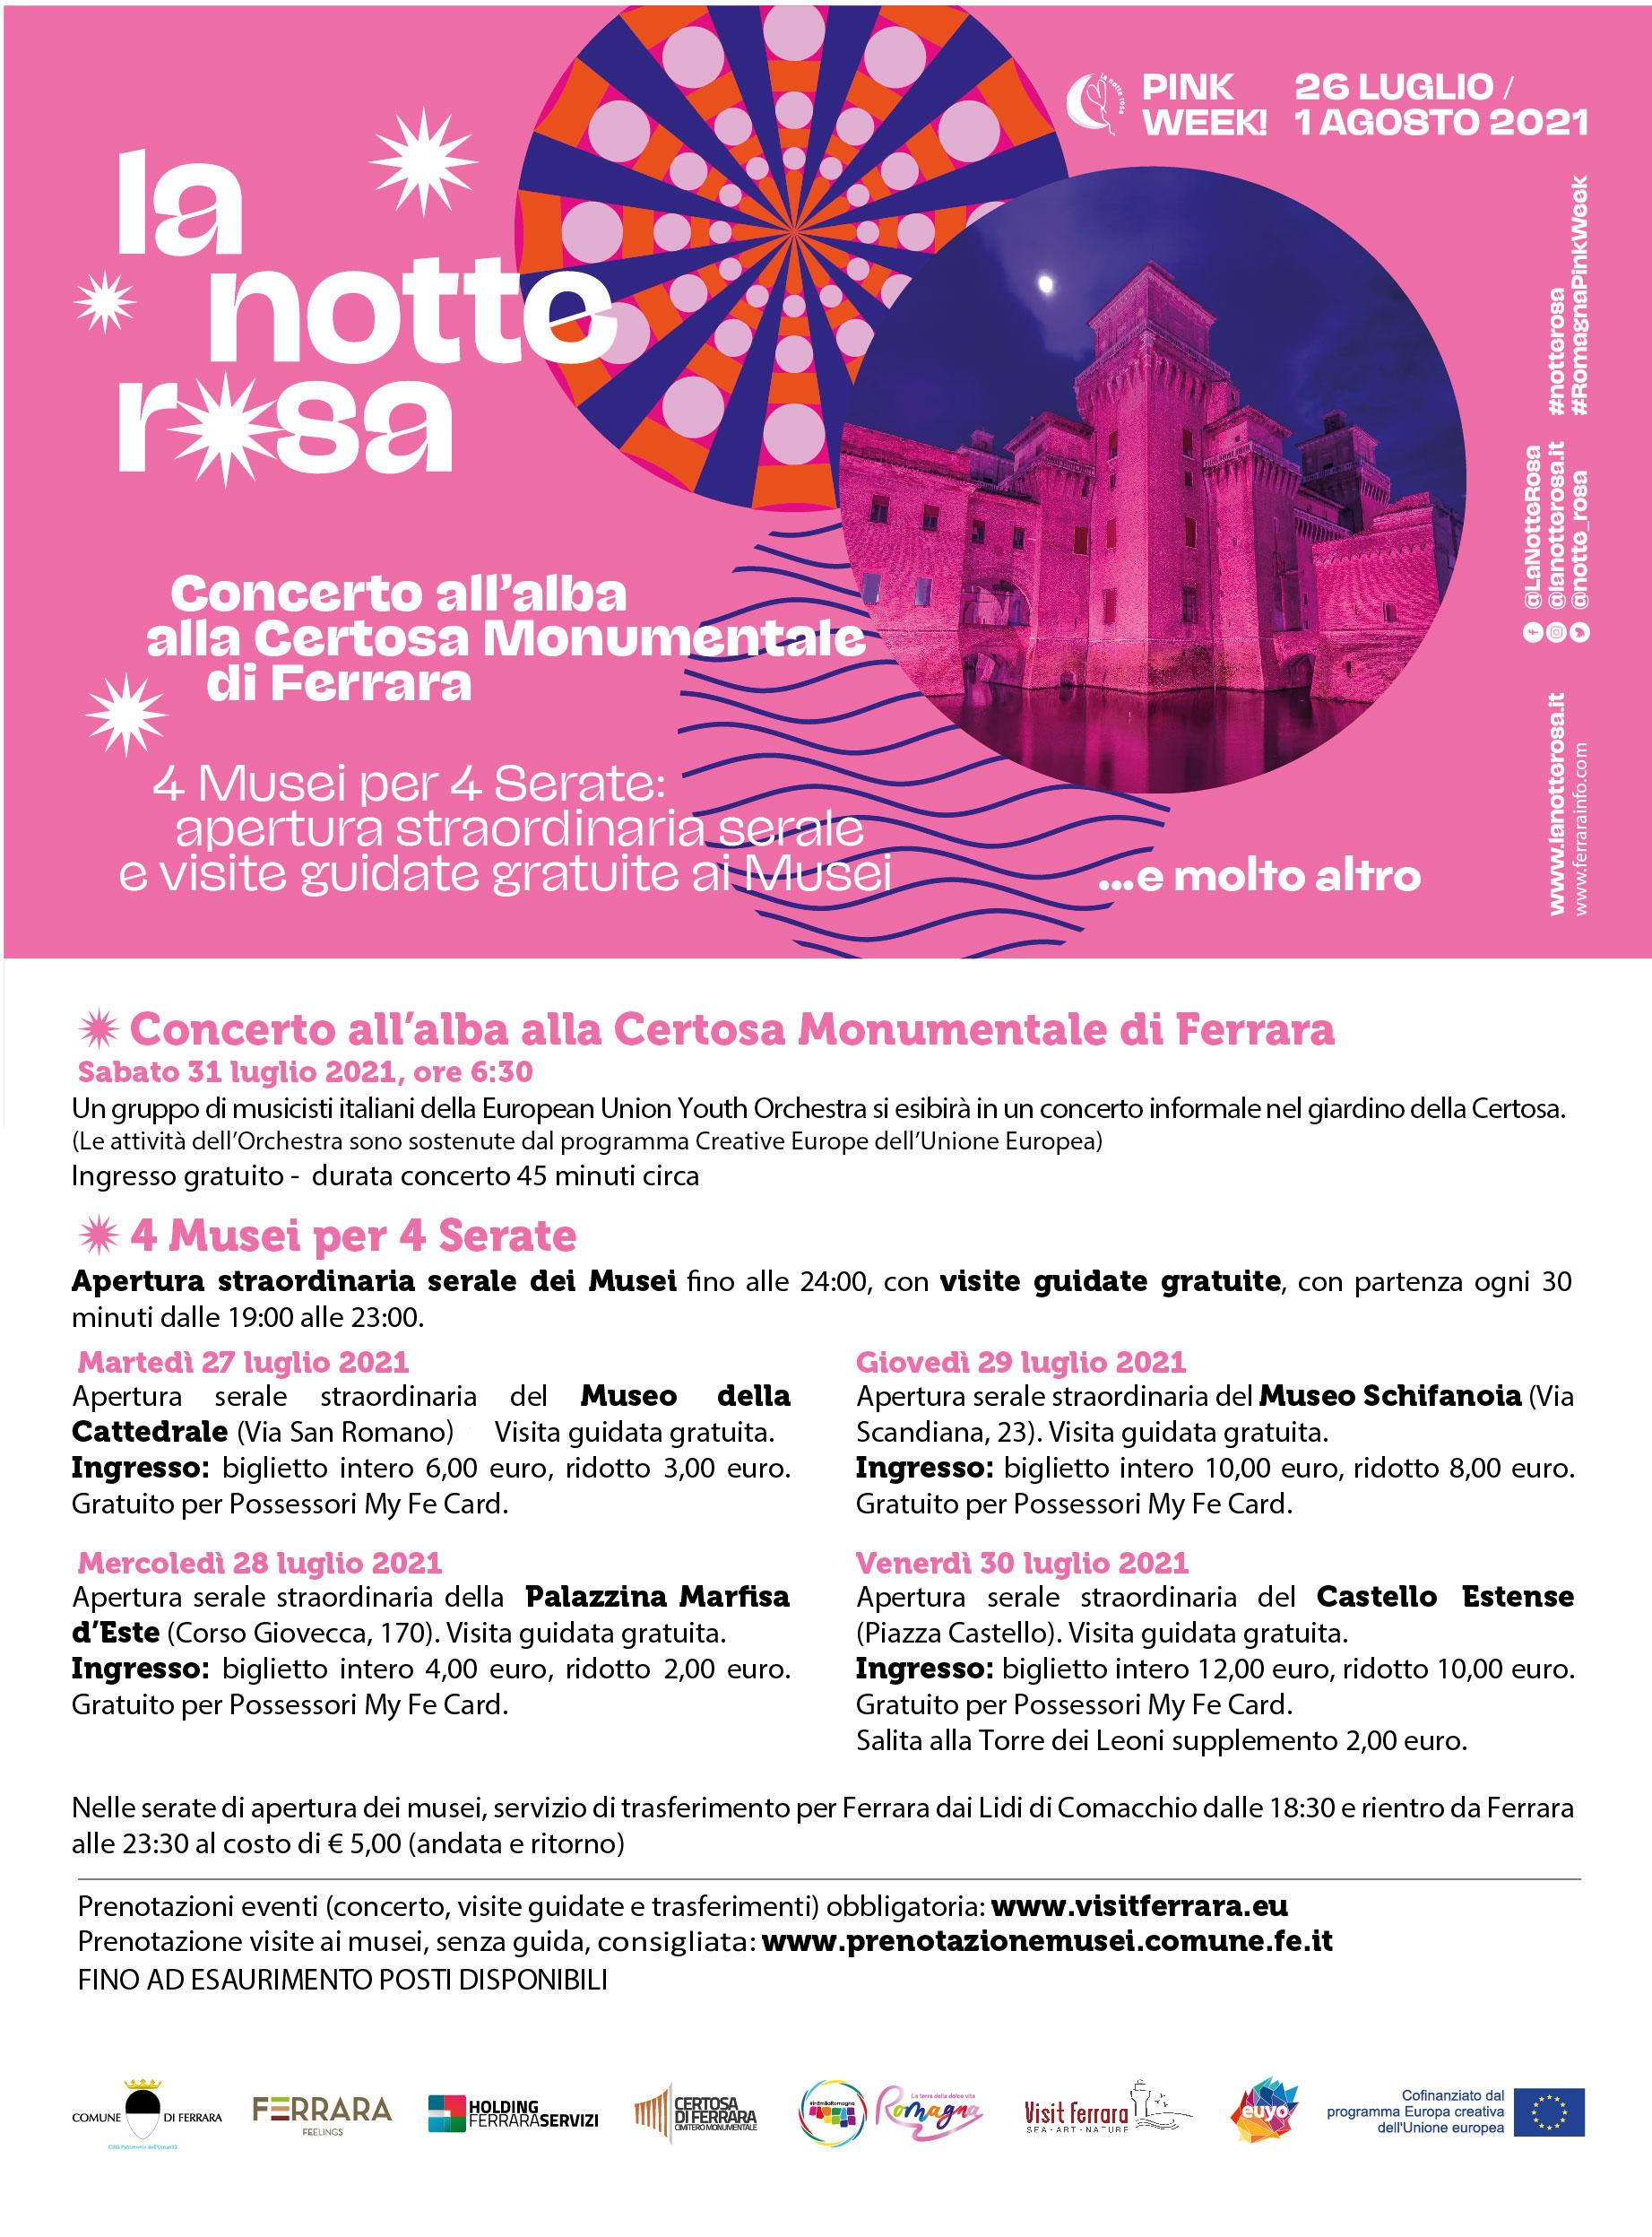 NOTTE ROSA - 4 musei per 4 serate